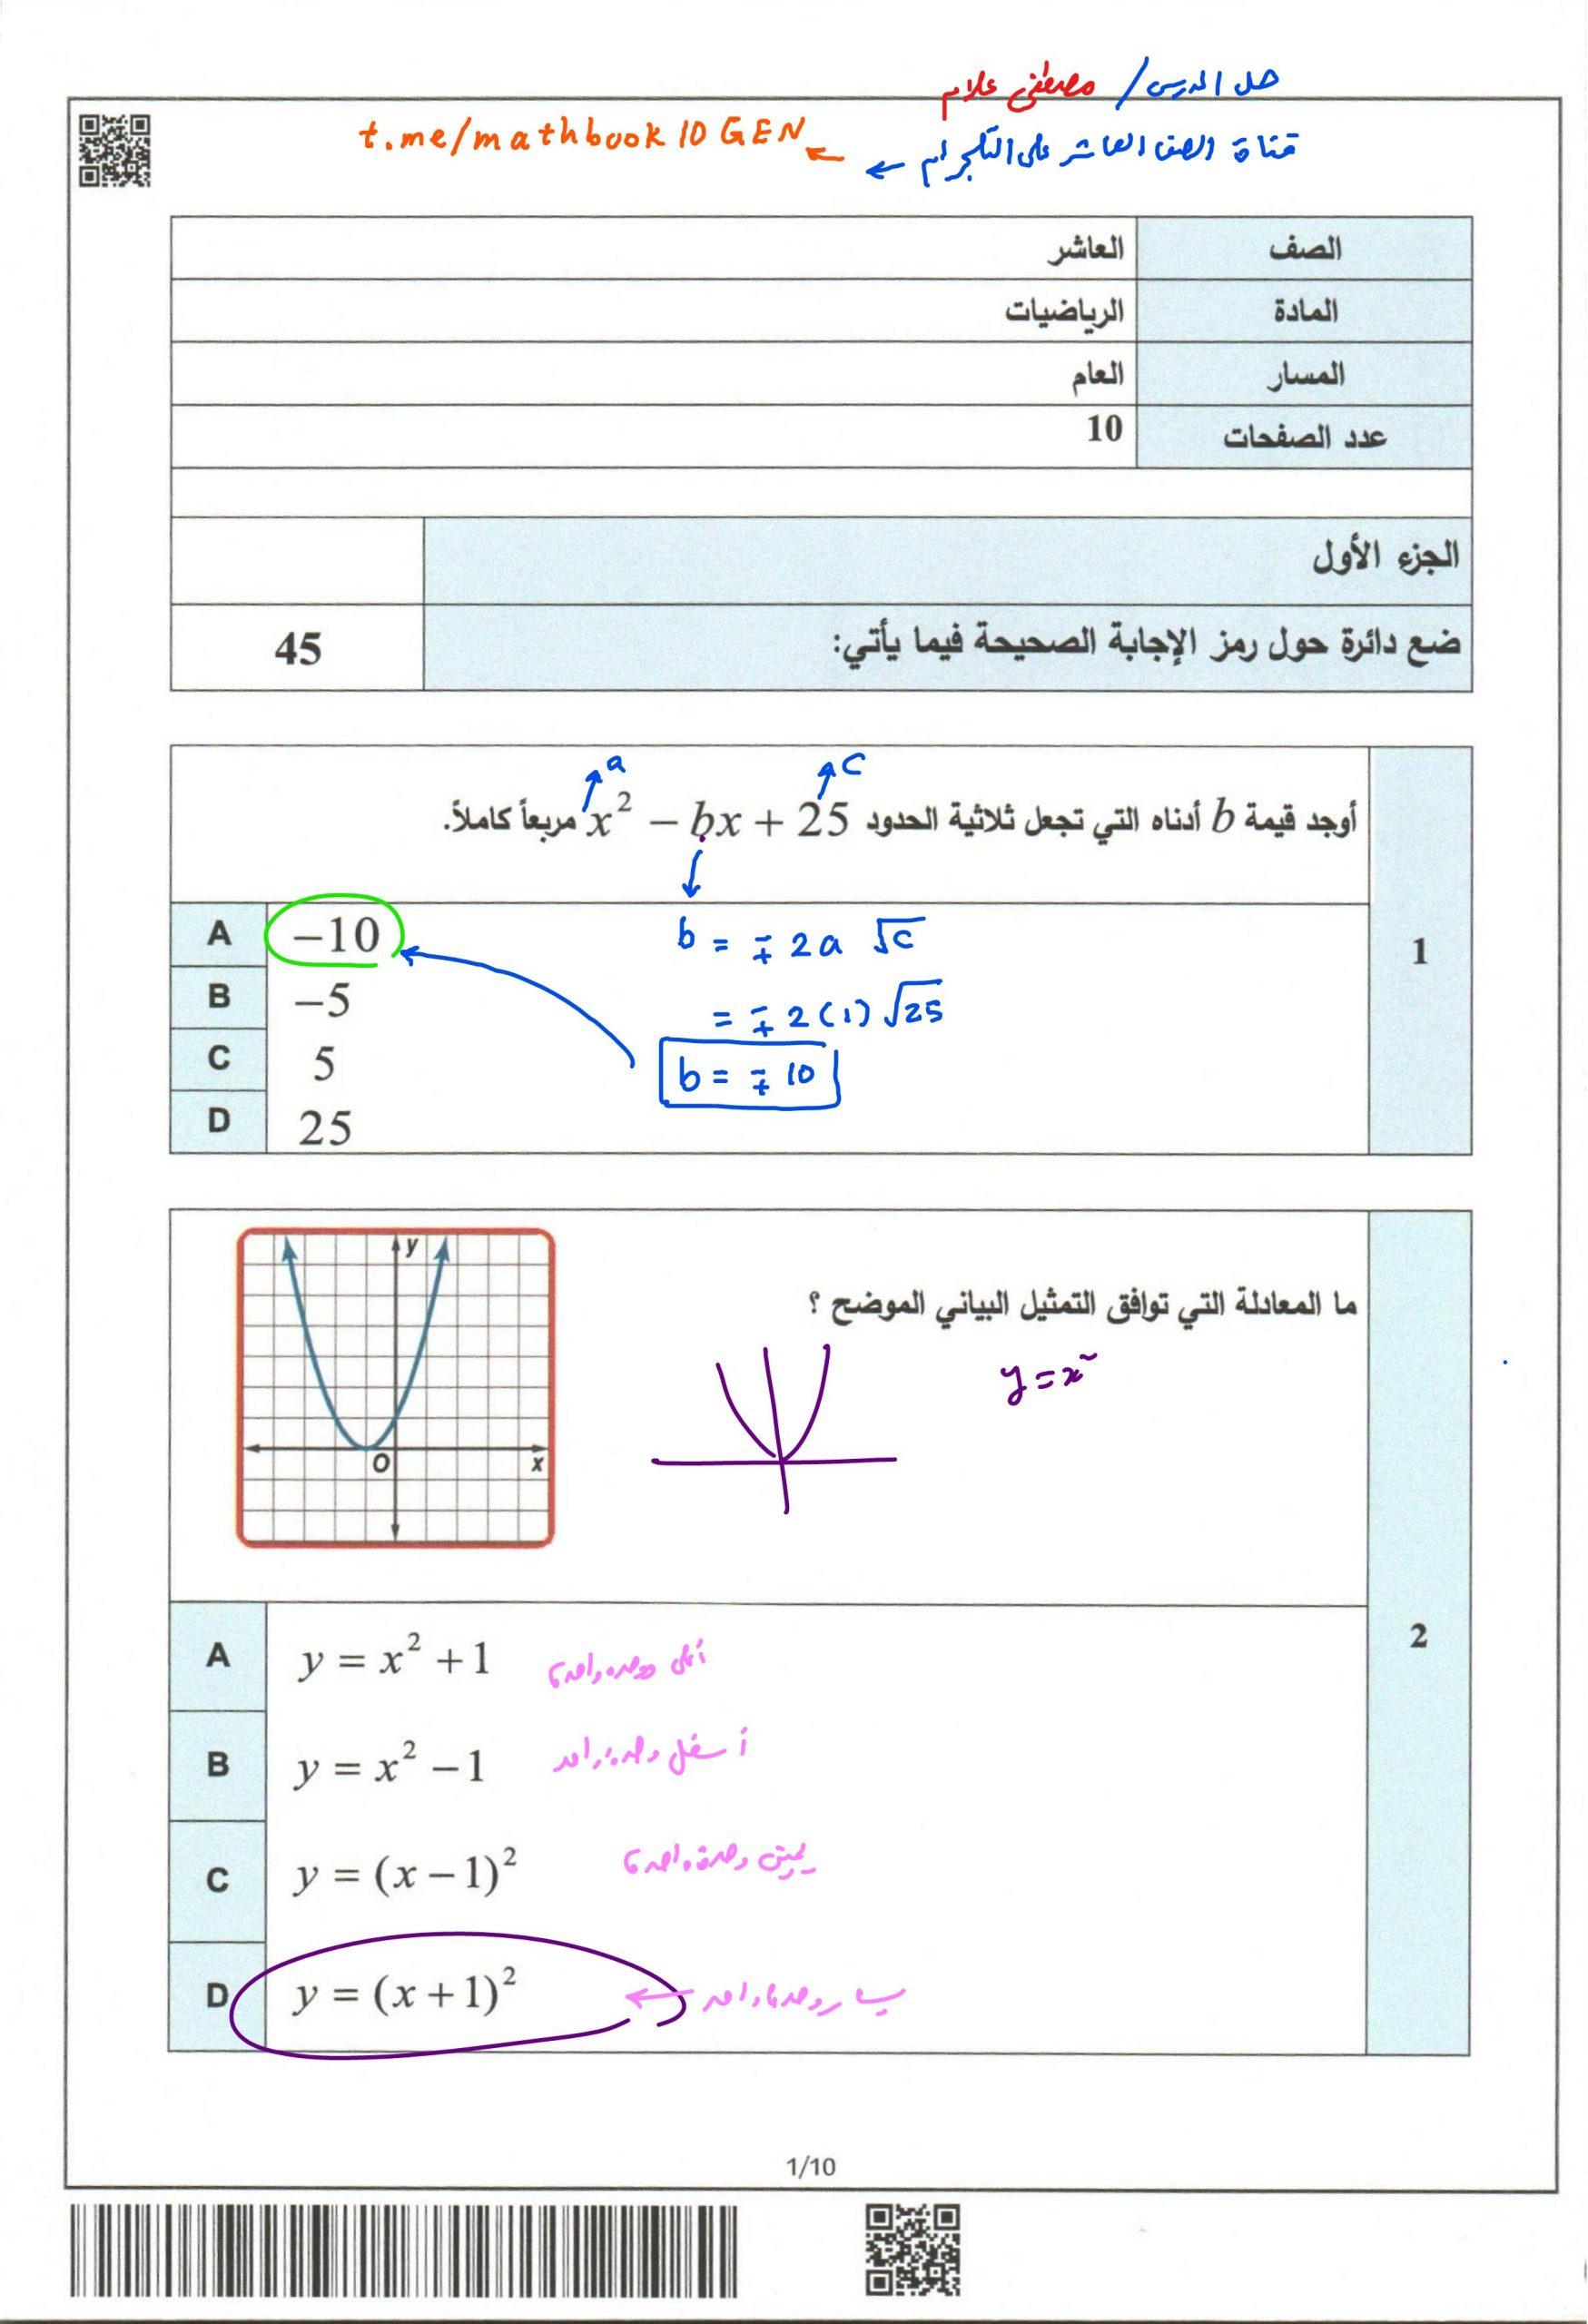 حل امتحان نهاية الفصل الدرسي الاول 2019-2020 الصف الثاني عشر عام مادة الرياضيات المتكاملة